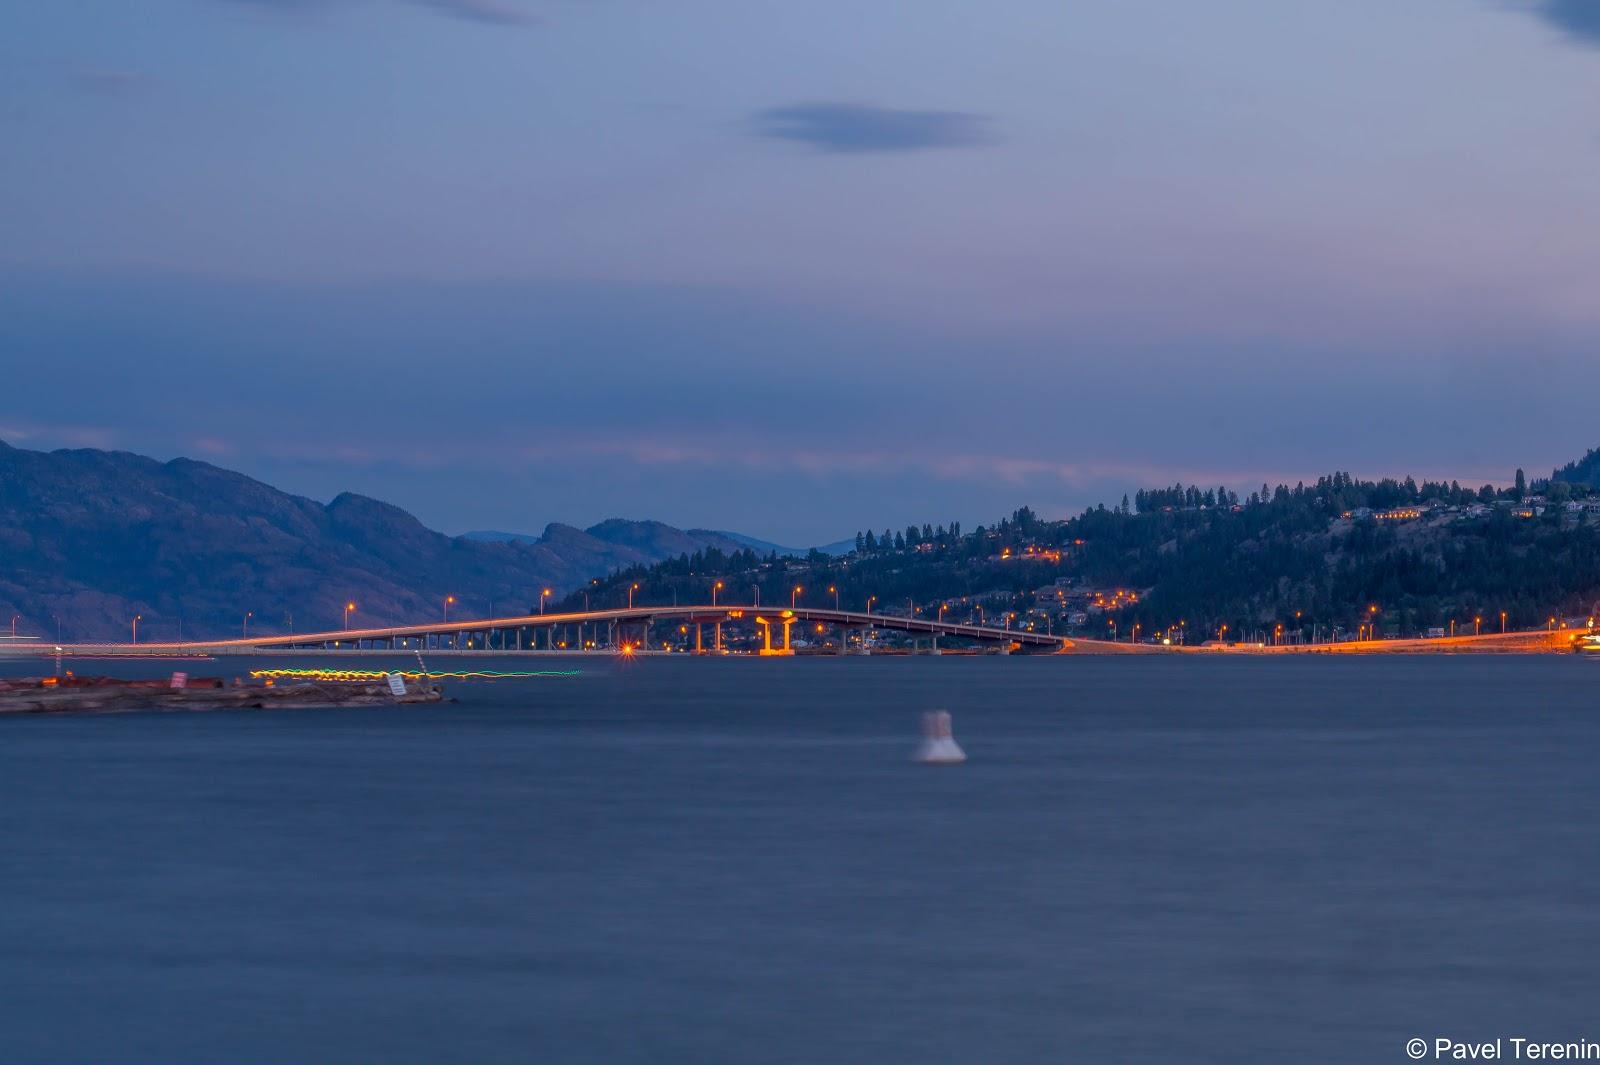 По мосту через озеро Оканаган проносятся автомобили, прочерчивая своими фарами яркие полоски света.